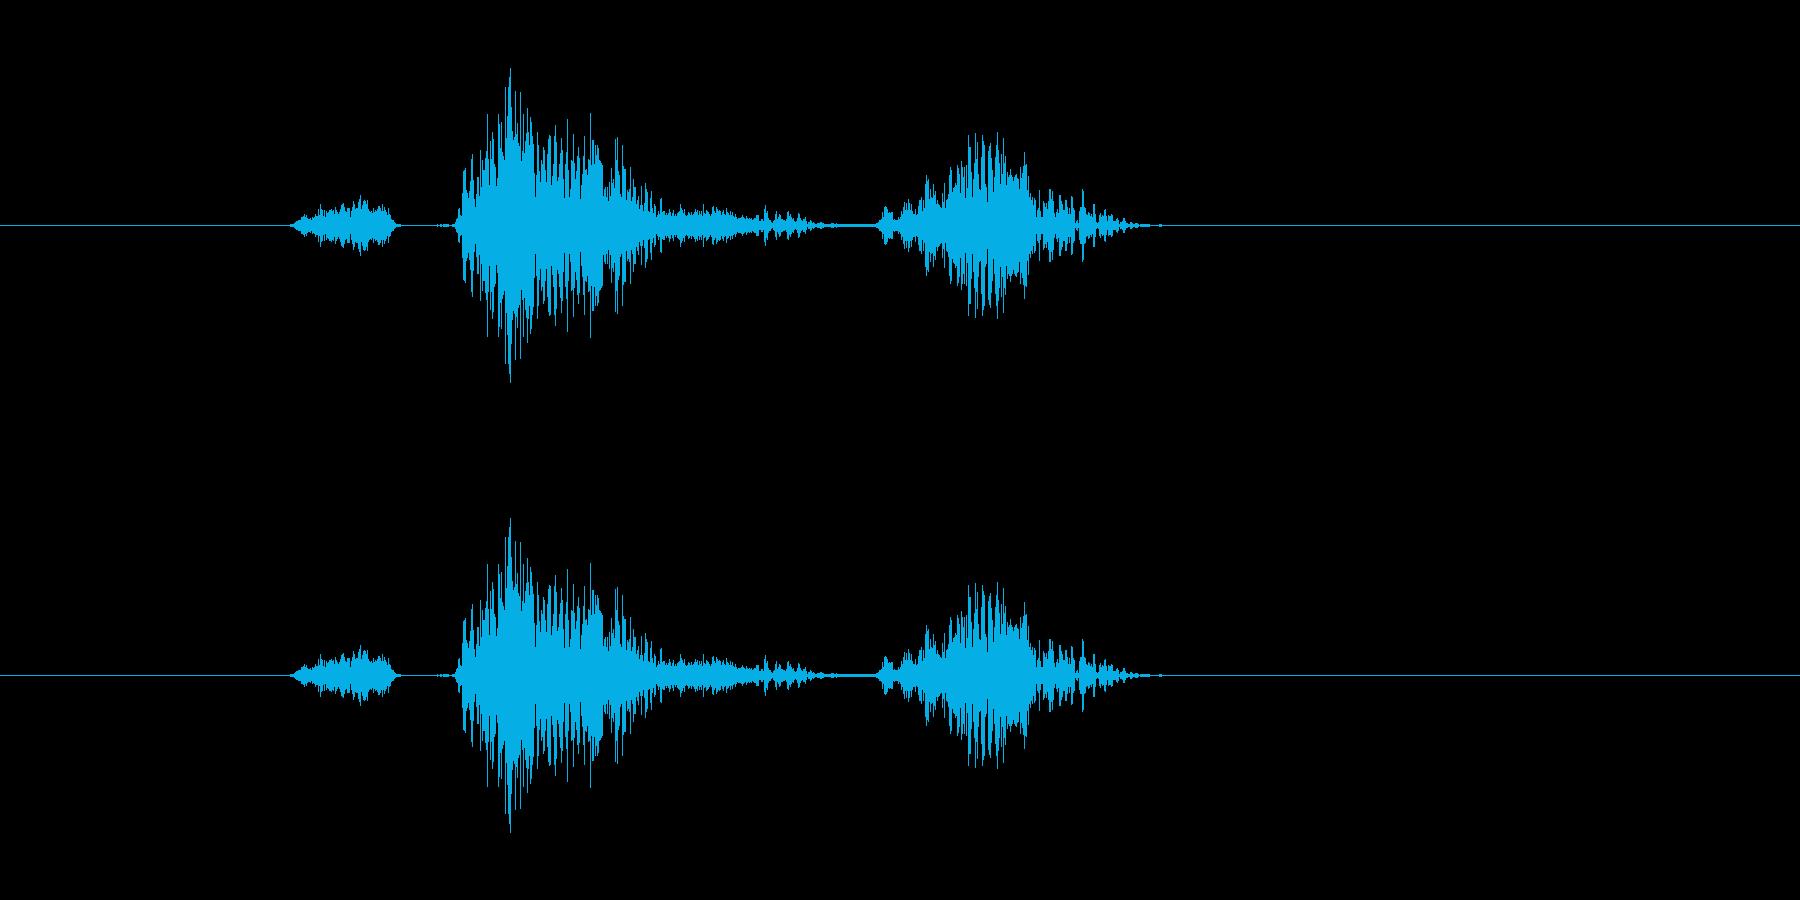 ステージツー(メカニカルな男性ボイス)の再生済みの波形